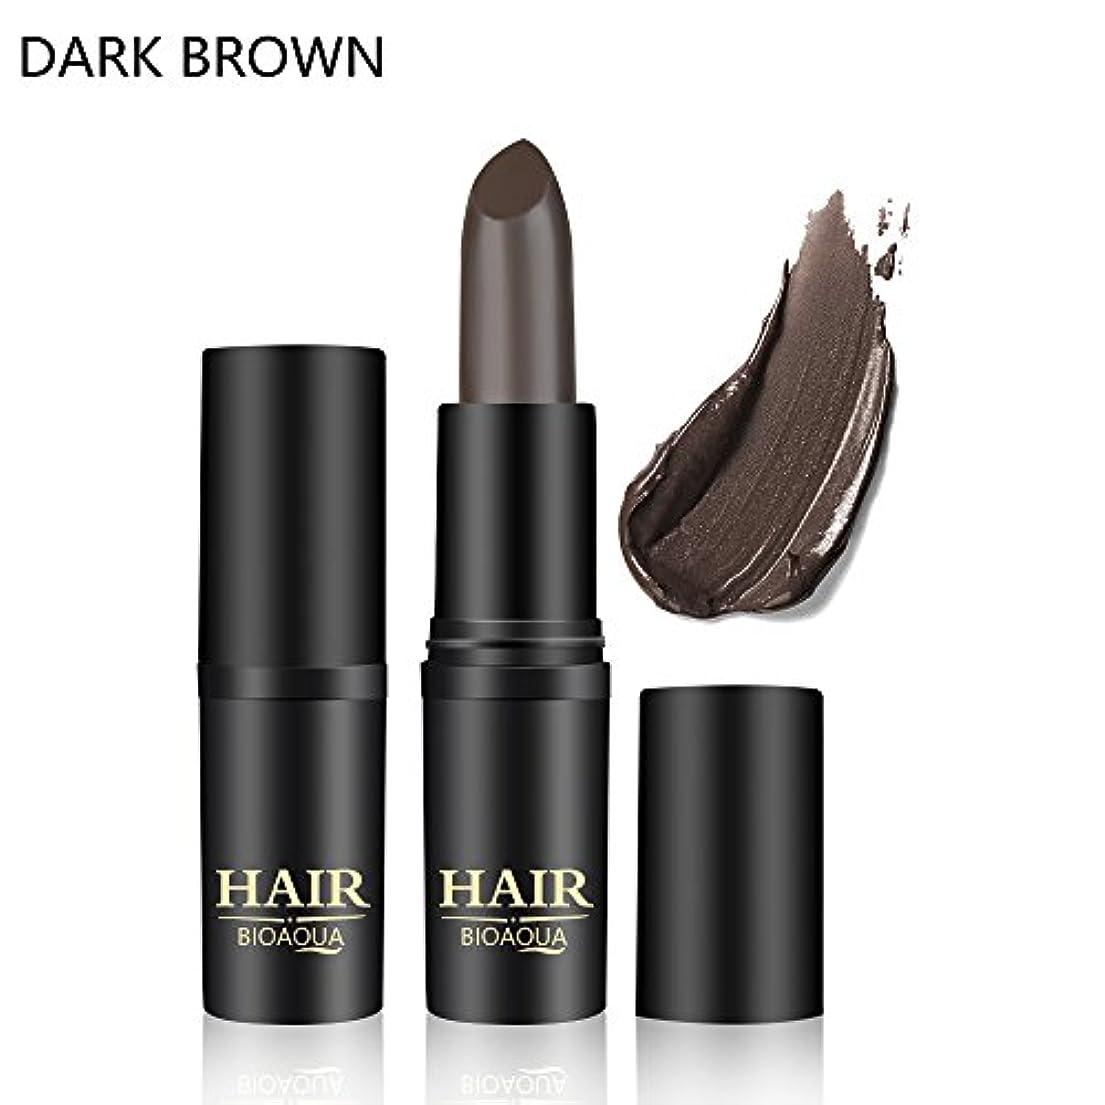 魔術起きてビルダー[BROWN] 1PC Temporary Hair Dye Cream Mild Fast One-off Hair Color Stick Pen Cover White Hair DIY Styling Makeup...